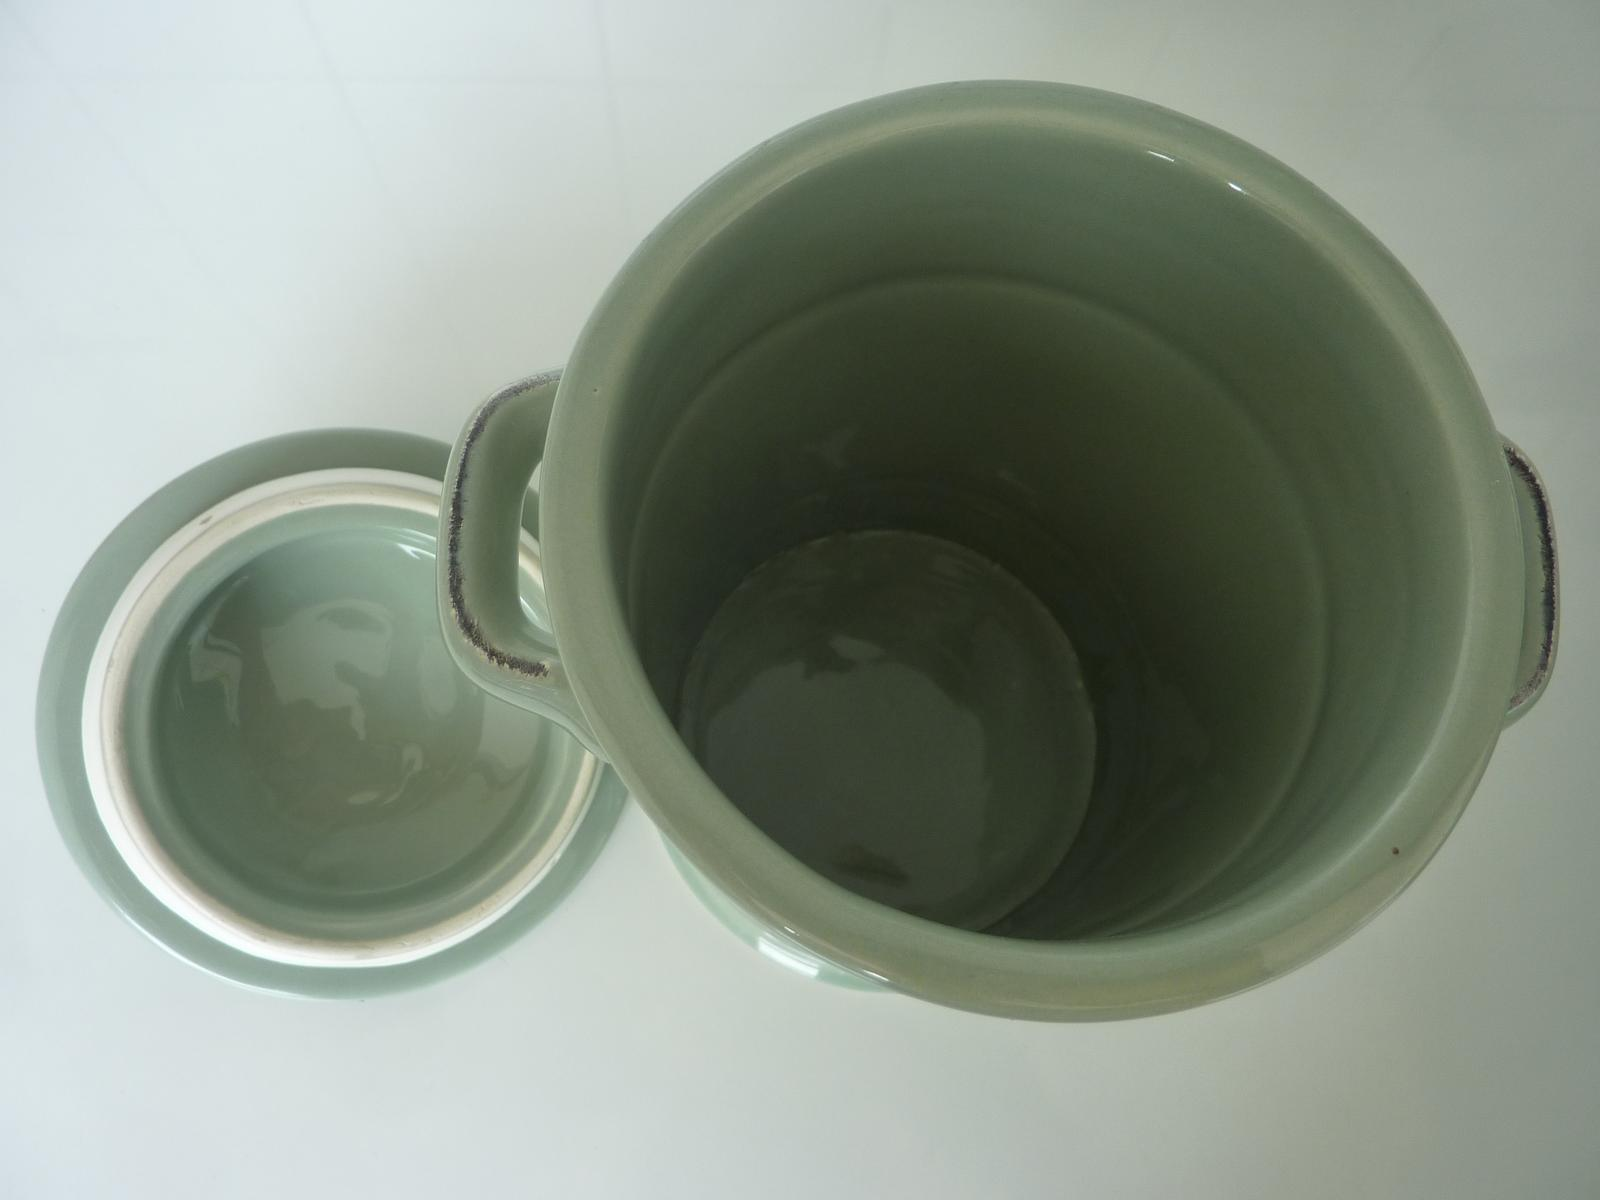 keramická dóza - Obrázok č. 3